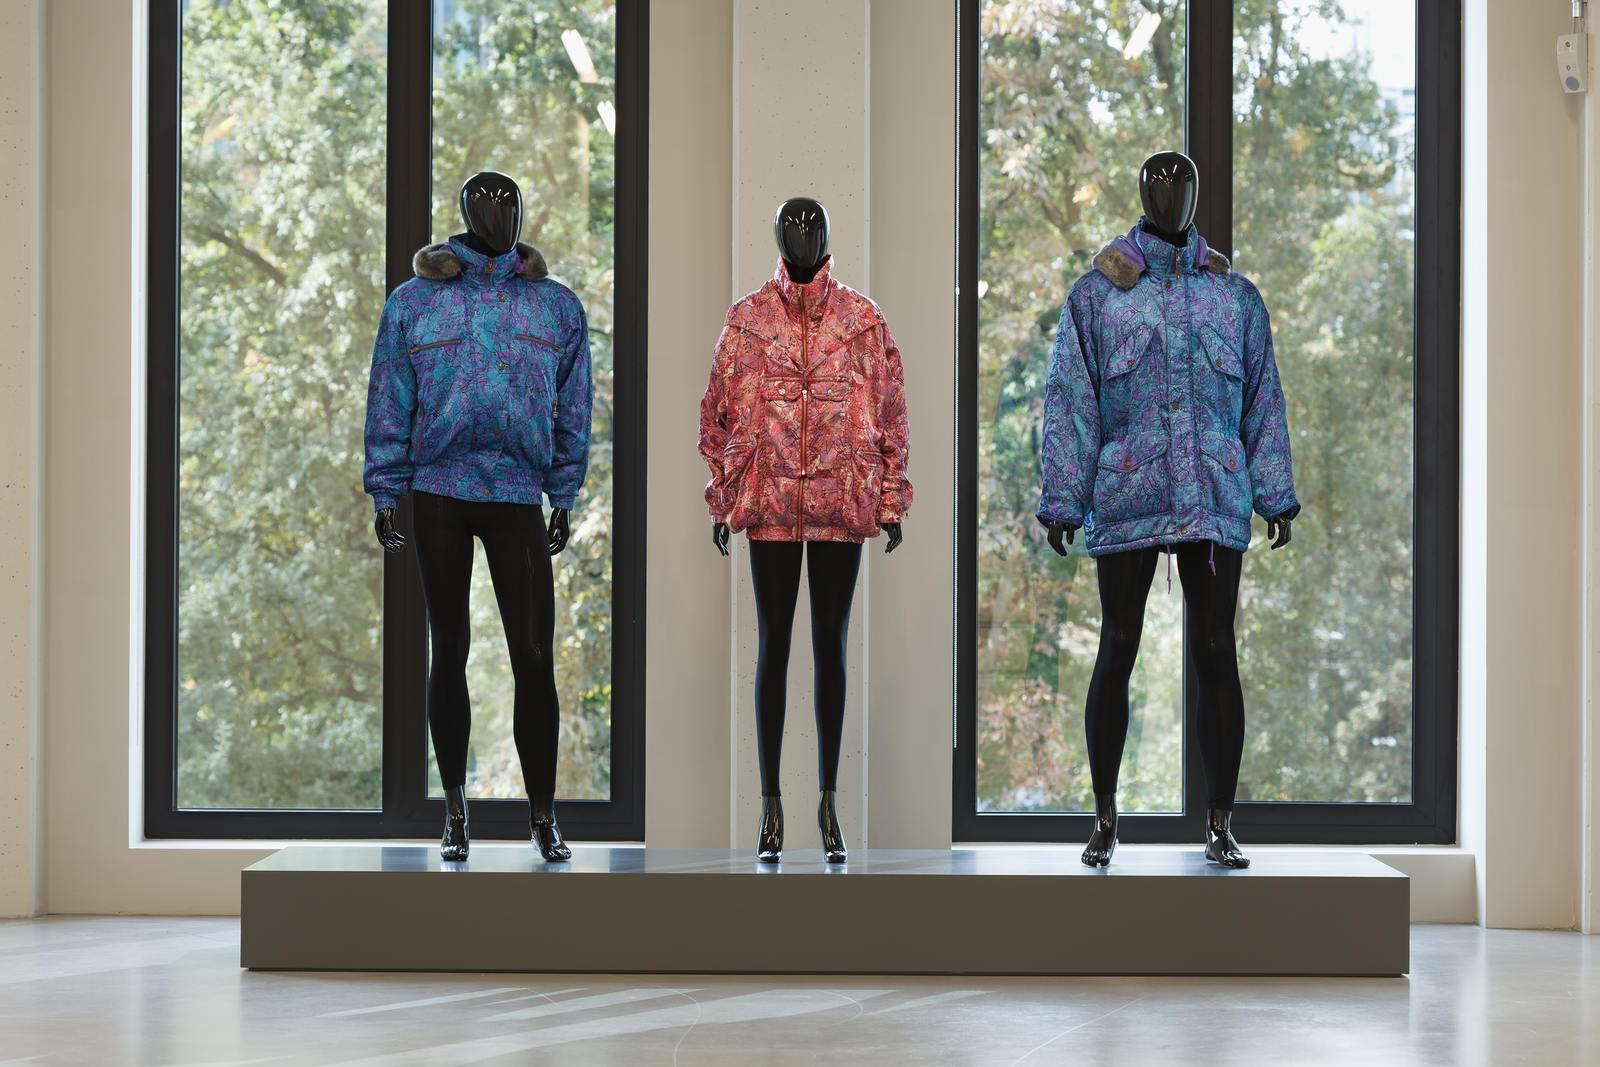 Willem_de_Rooij_Fong_Leng_Sportswear_1985_1995-2